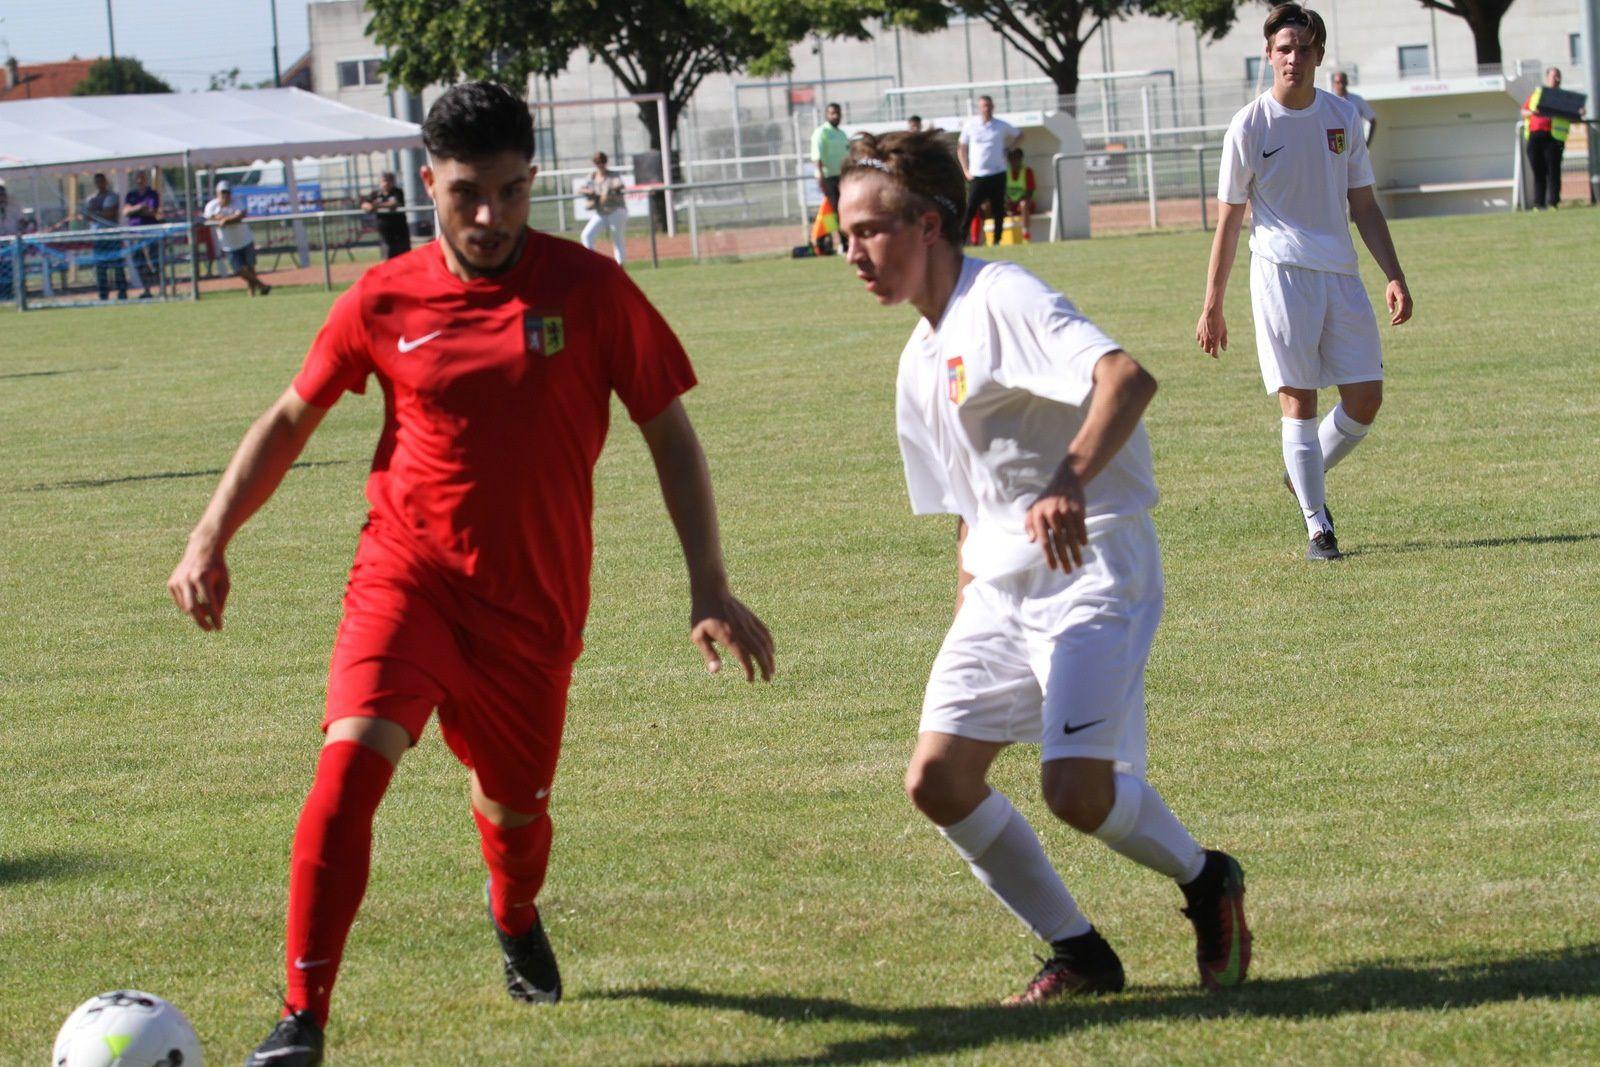 Coupe du Rhône de football U19 : L'US Vénissieux logiquement